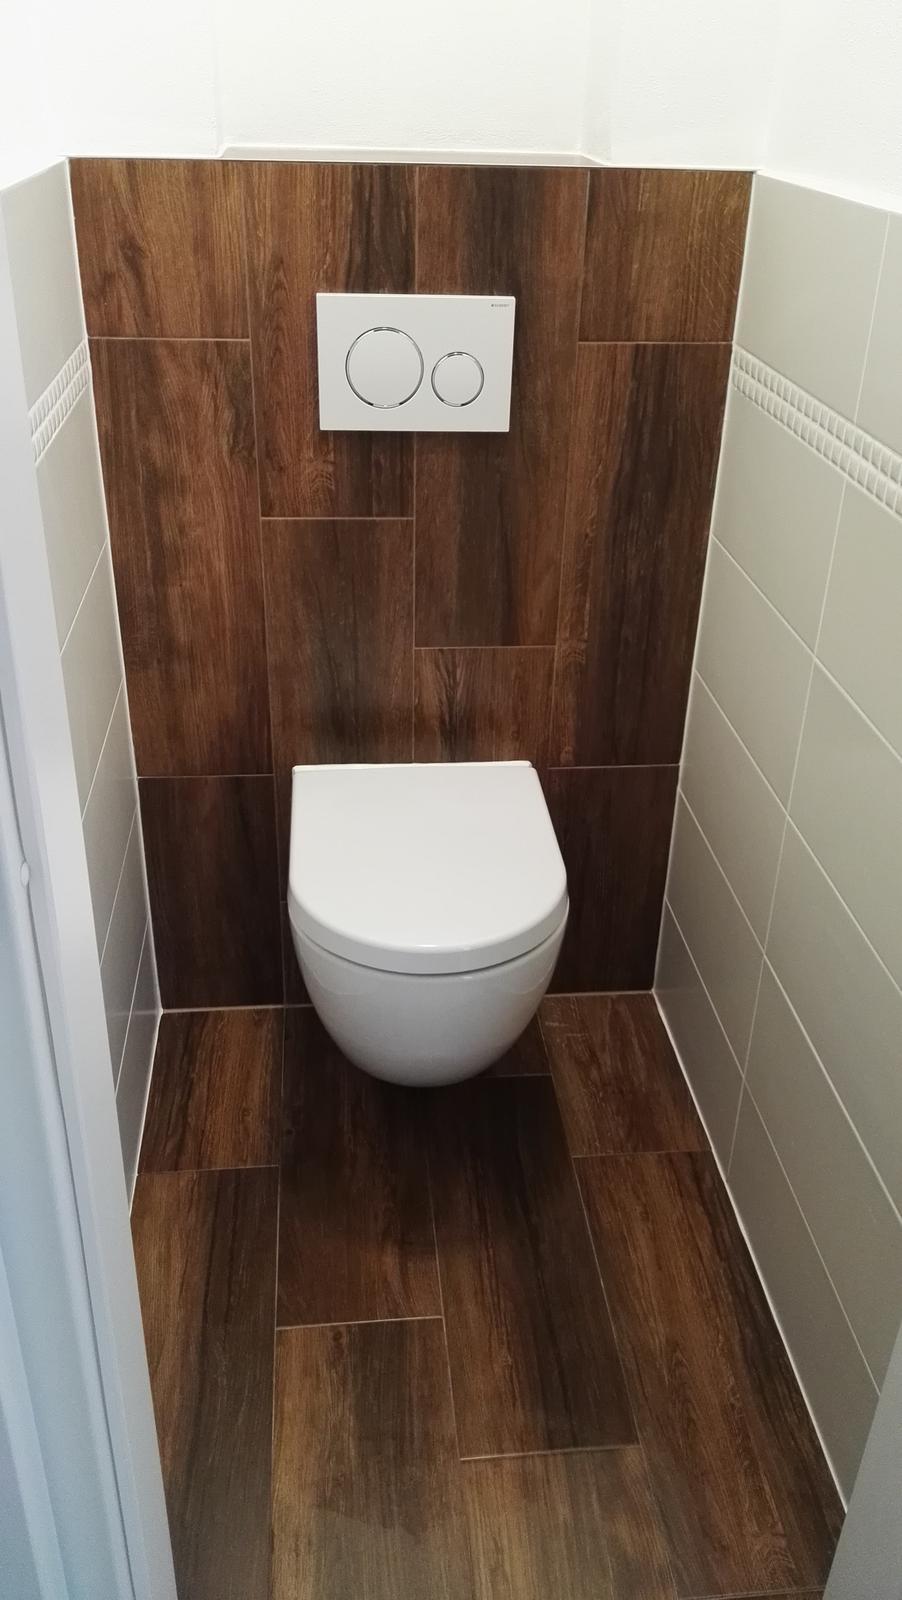 Projekt: Nové bývanie ... - ... wc hotovo ...